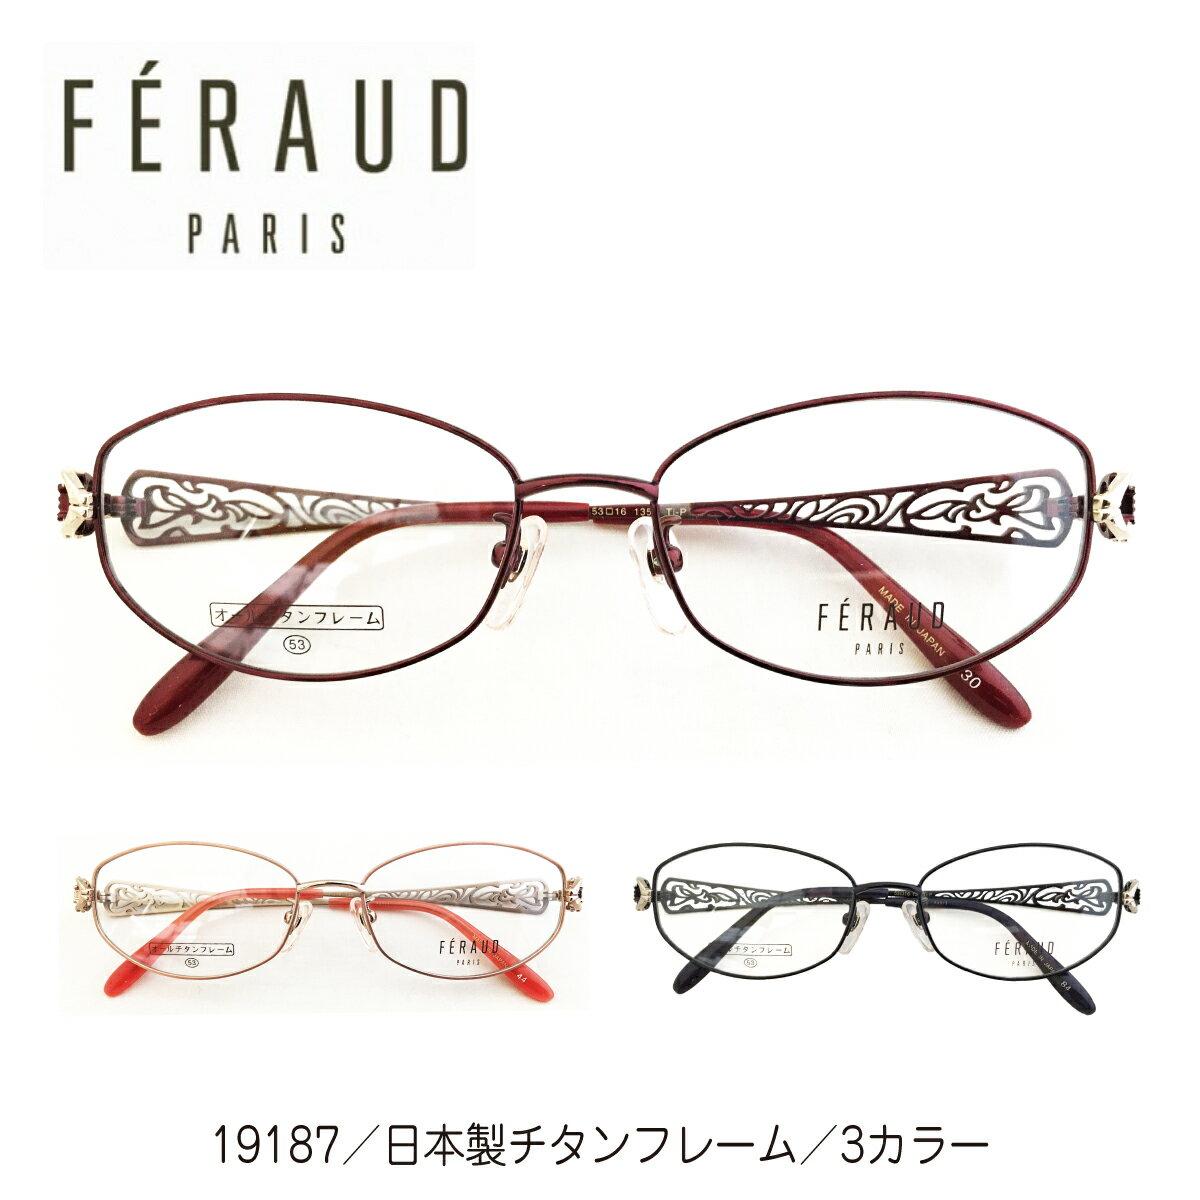 【度付きメガネ】FERAUD フェロー 19187 日本製 チタンフレーム オーバル 高級 ブランド近視 遠視 乱視 老眼 度なし 伊達 だて ダテ メガネ度あり メガネセット レディース メンズ 男性 女性 プレゼント ギフト